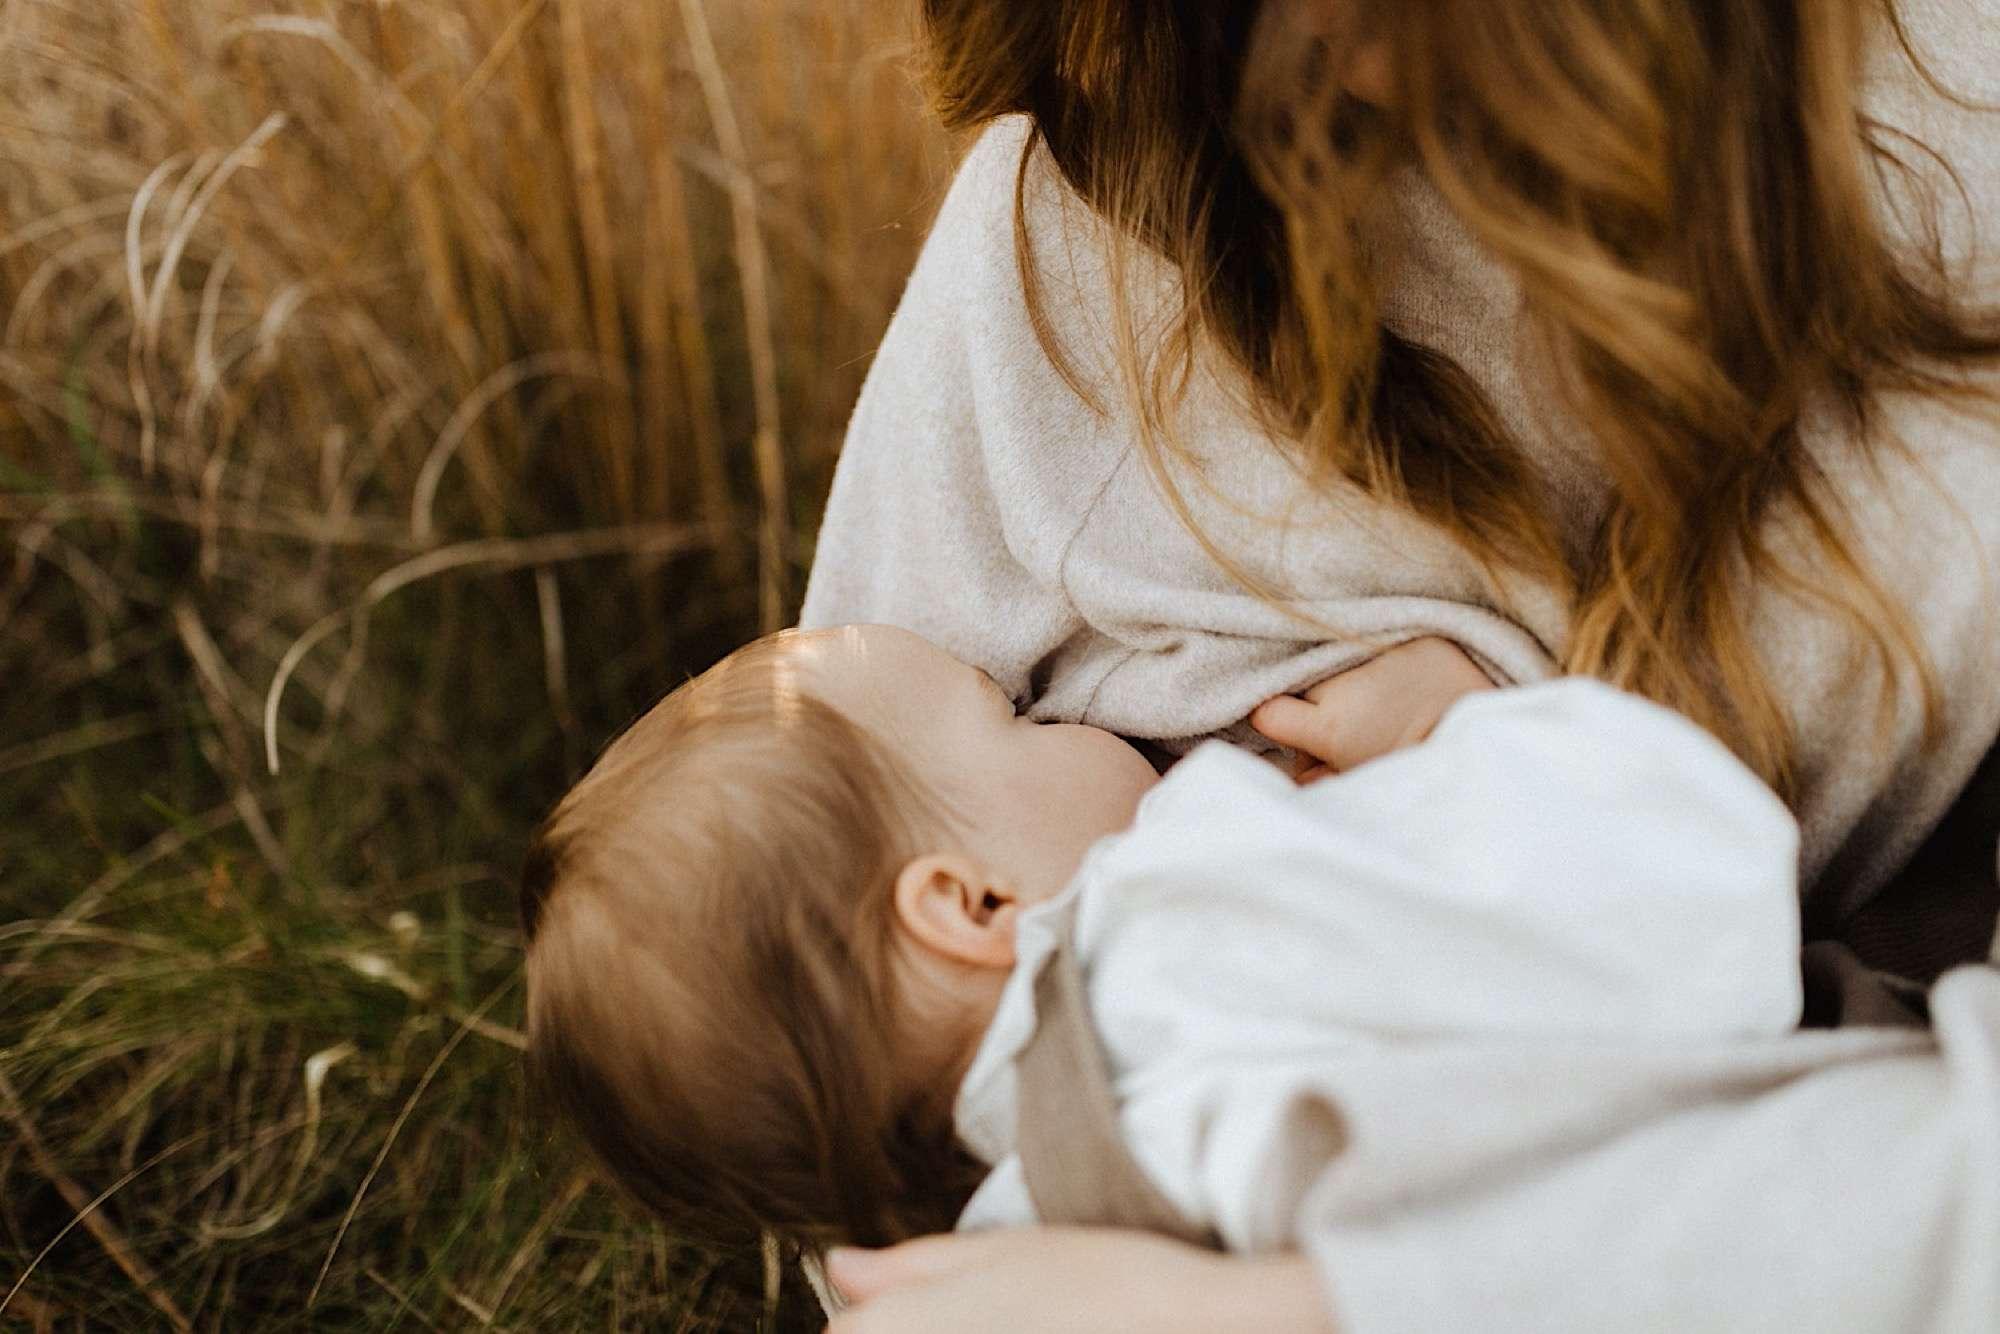 breastfeeding photo world breastfeeding week